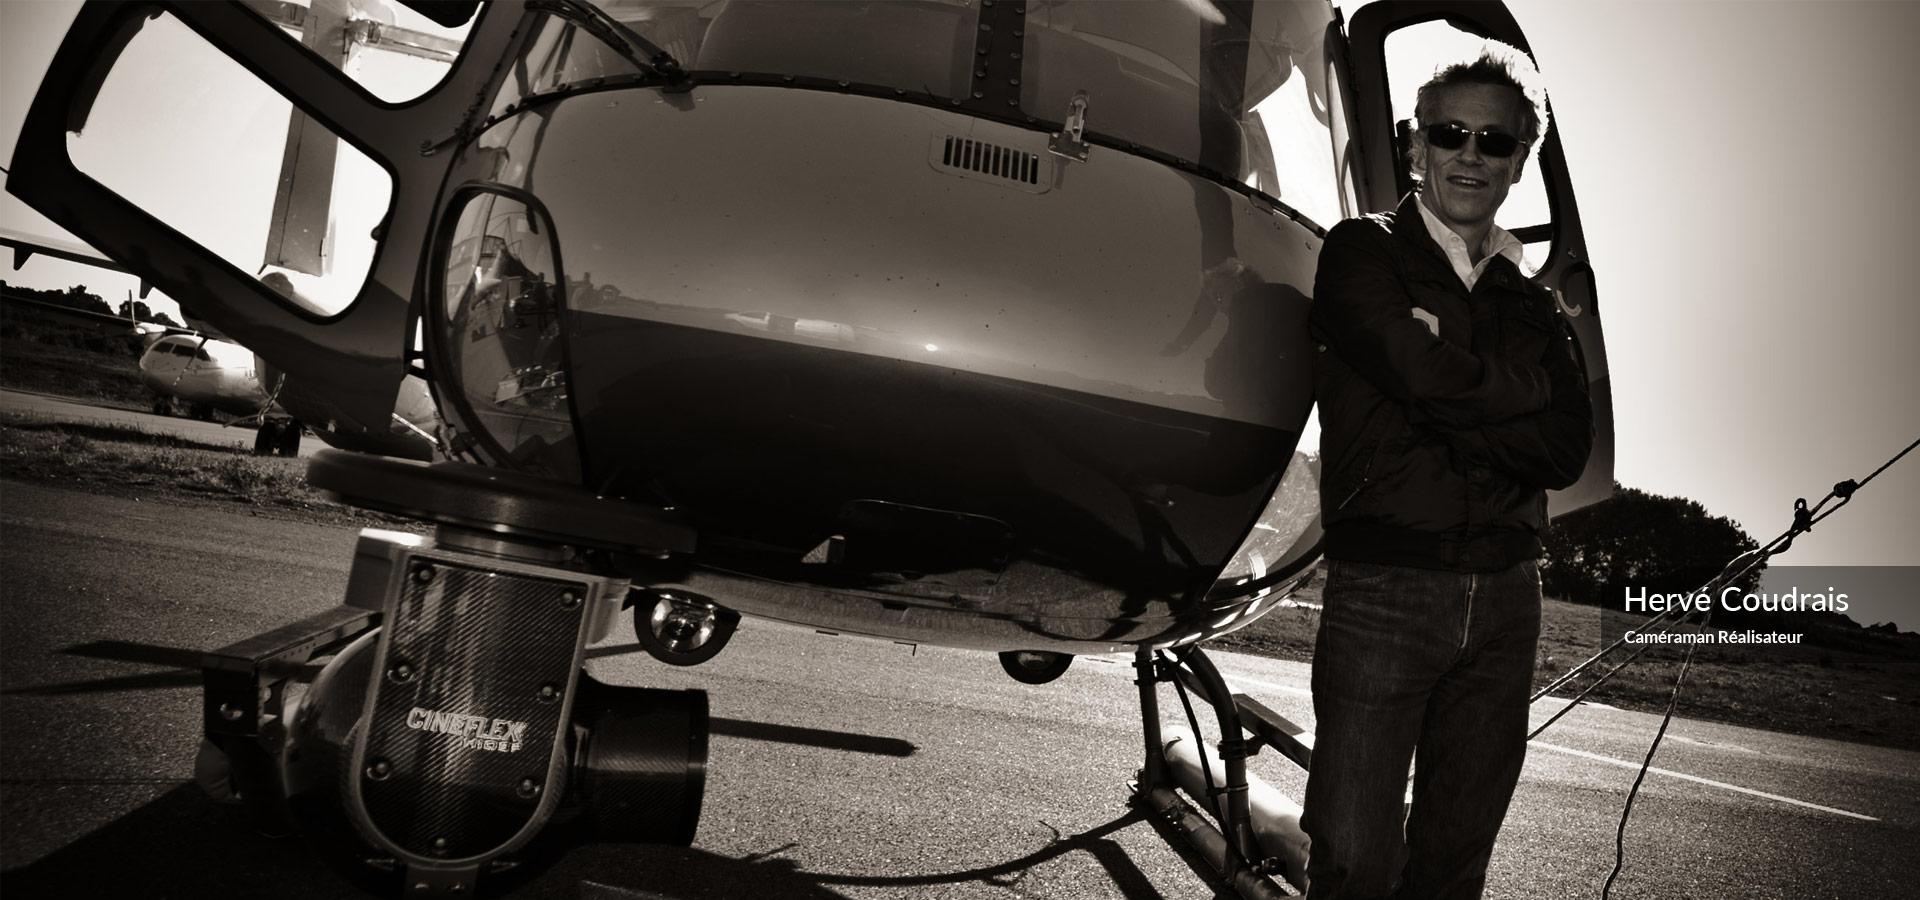 Hervé coudrais ( caméraman-réalisateur, système cinéflex caméra gyro-stabilisée sur hélicoptère, prises de vues aériennes, vu du ciel...)